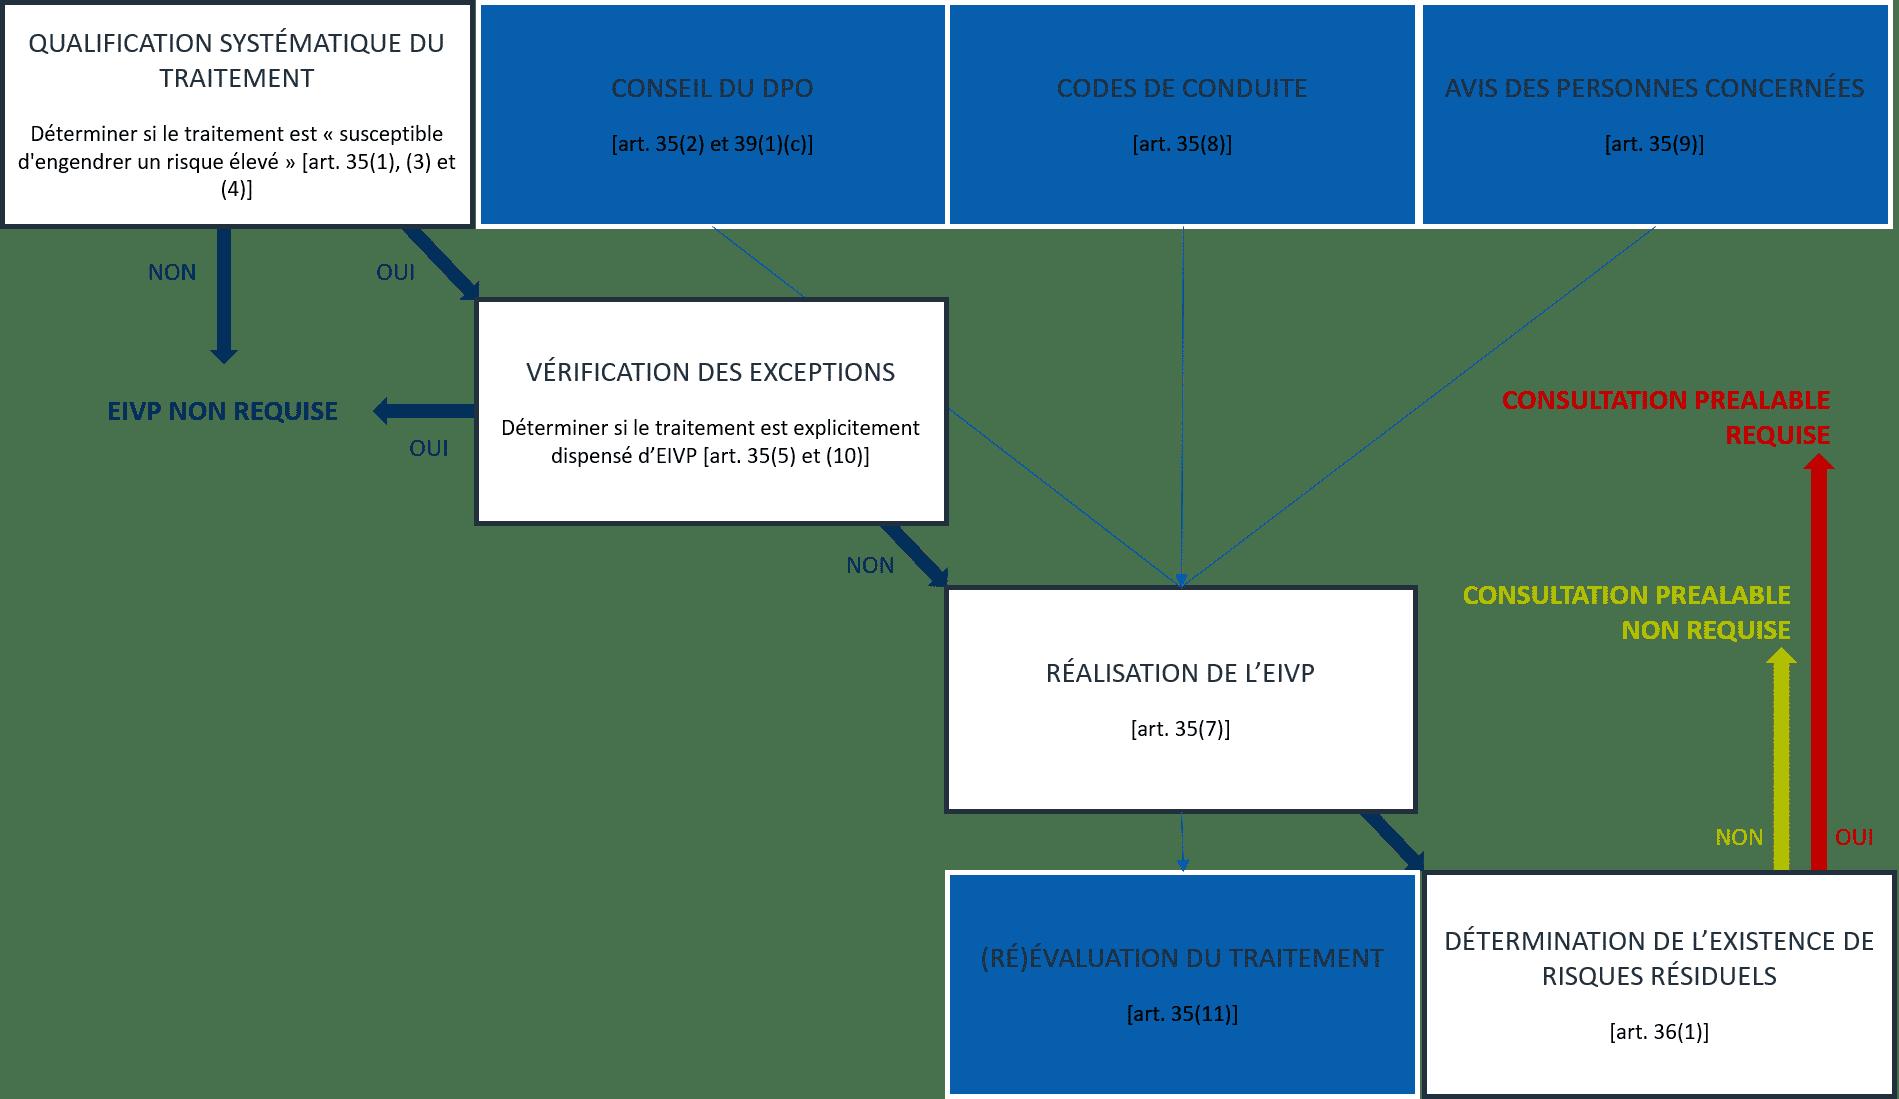 Etudes d'impacts sur la vie privée (EIVP)